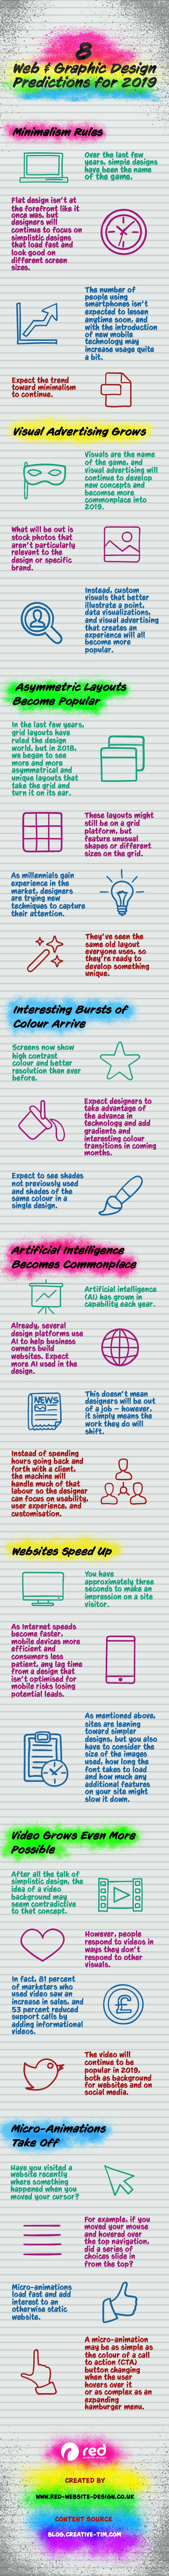 Future Design Trends